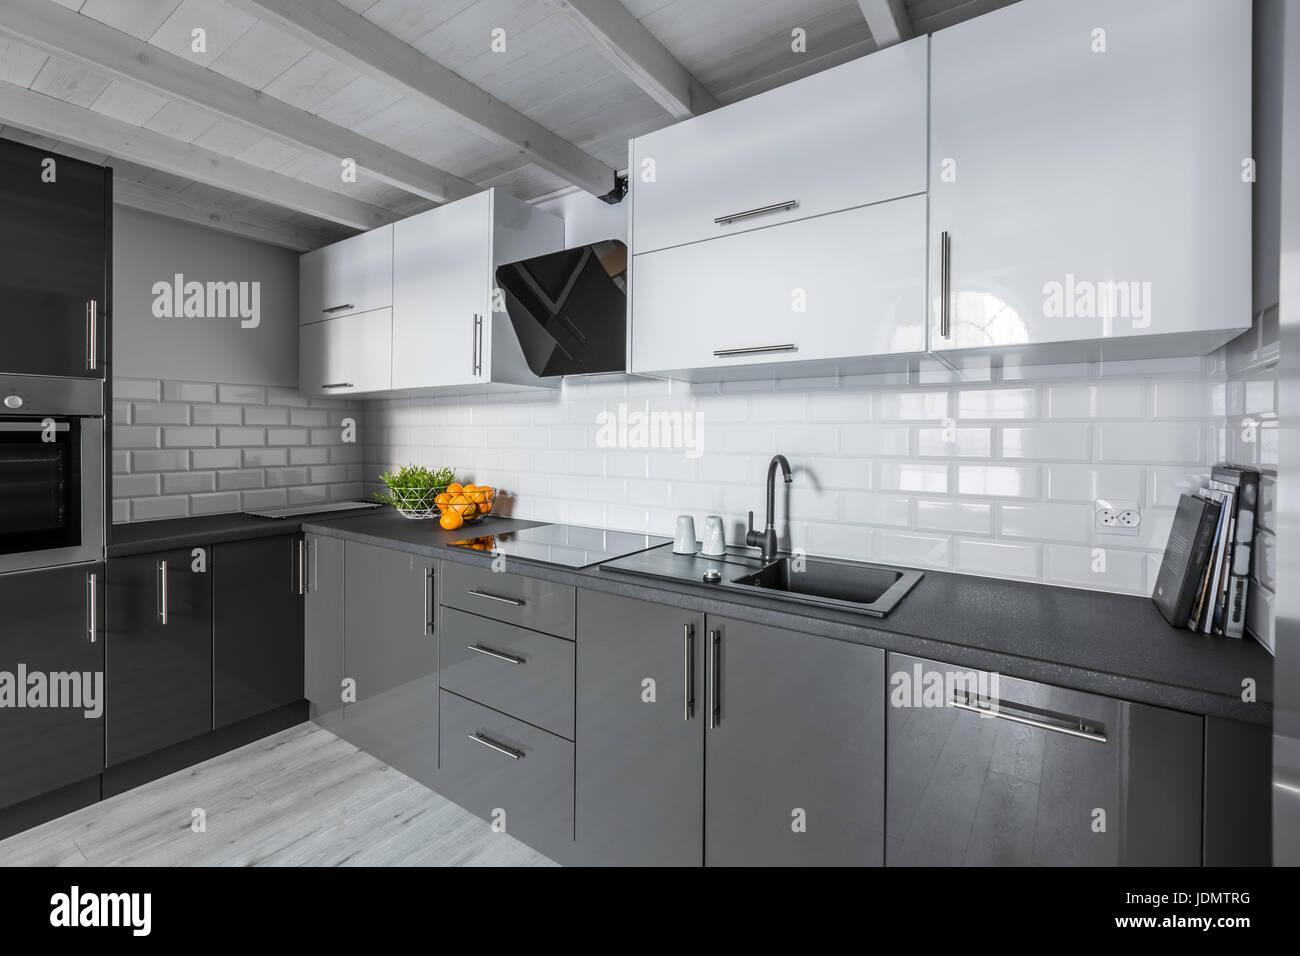 Cuisine moderne avec des carreaux en brique blanche et un plafond en ...